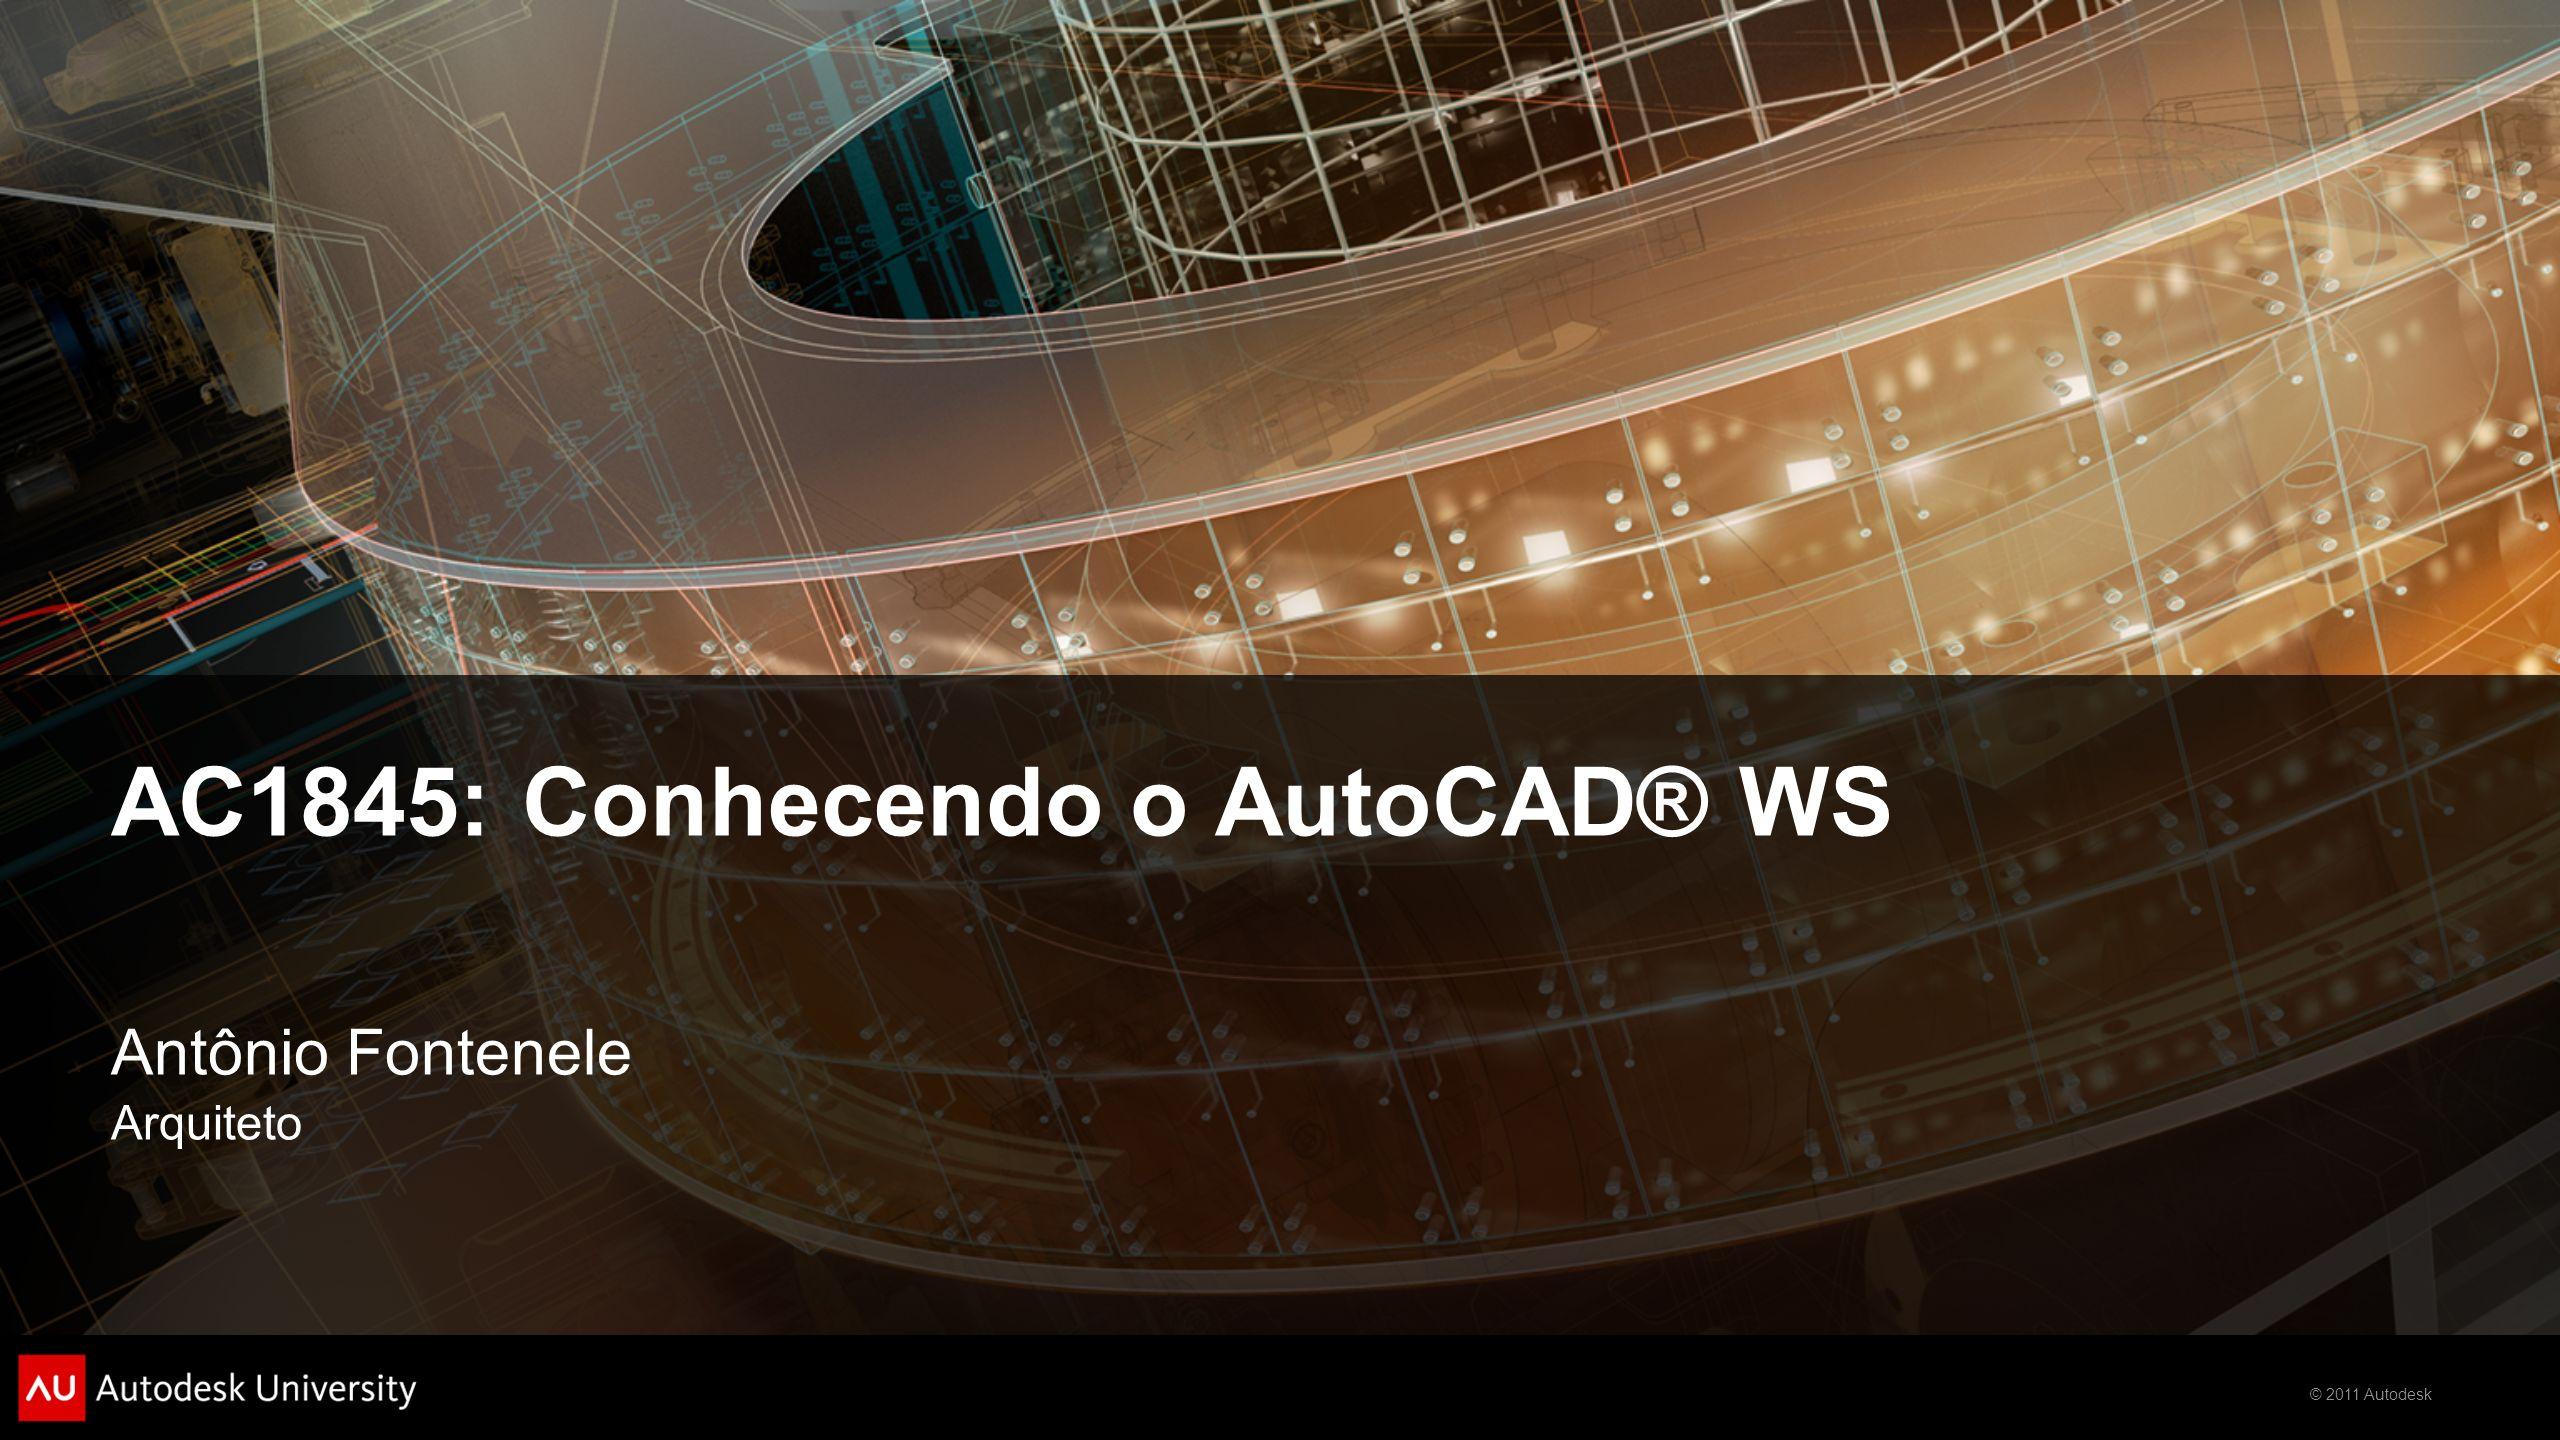 AC1845: Conhecendo o AutoCAD® WS